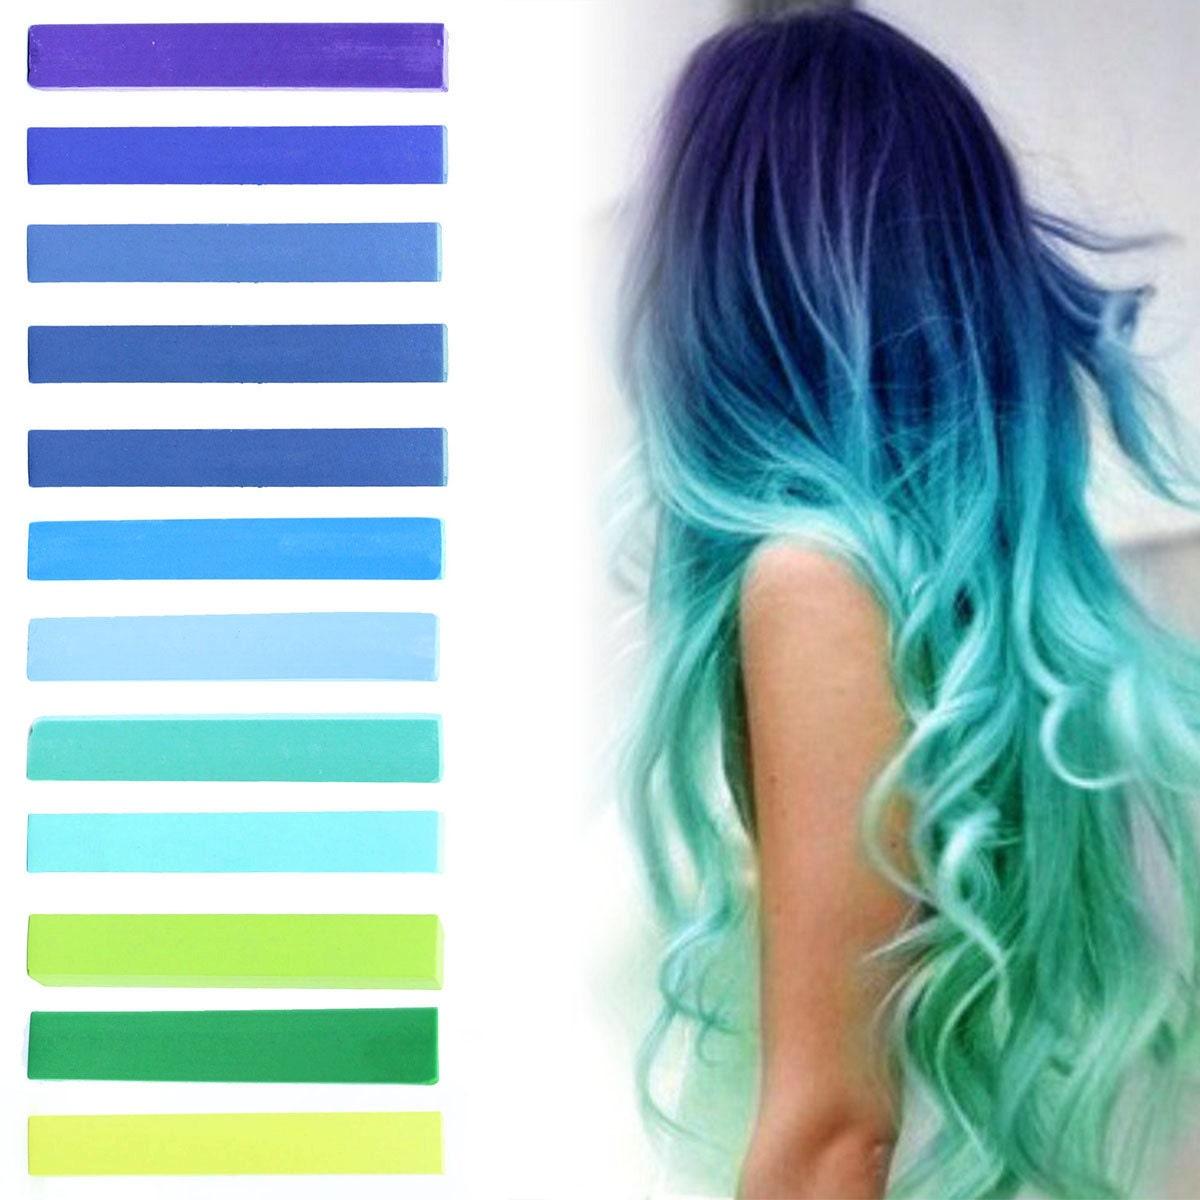 Mint green hair tumblr